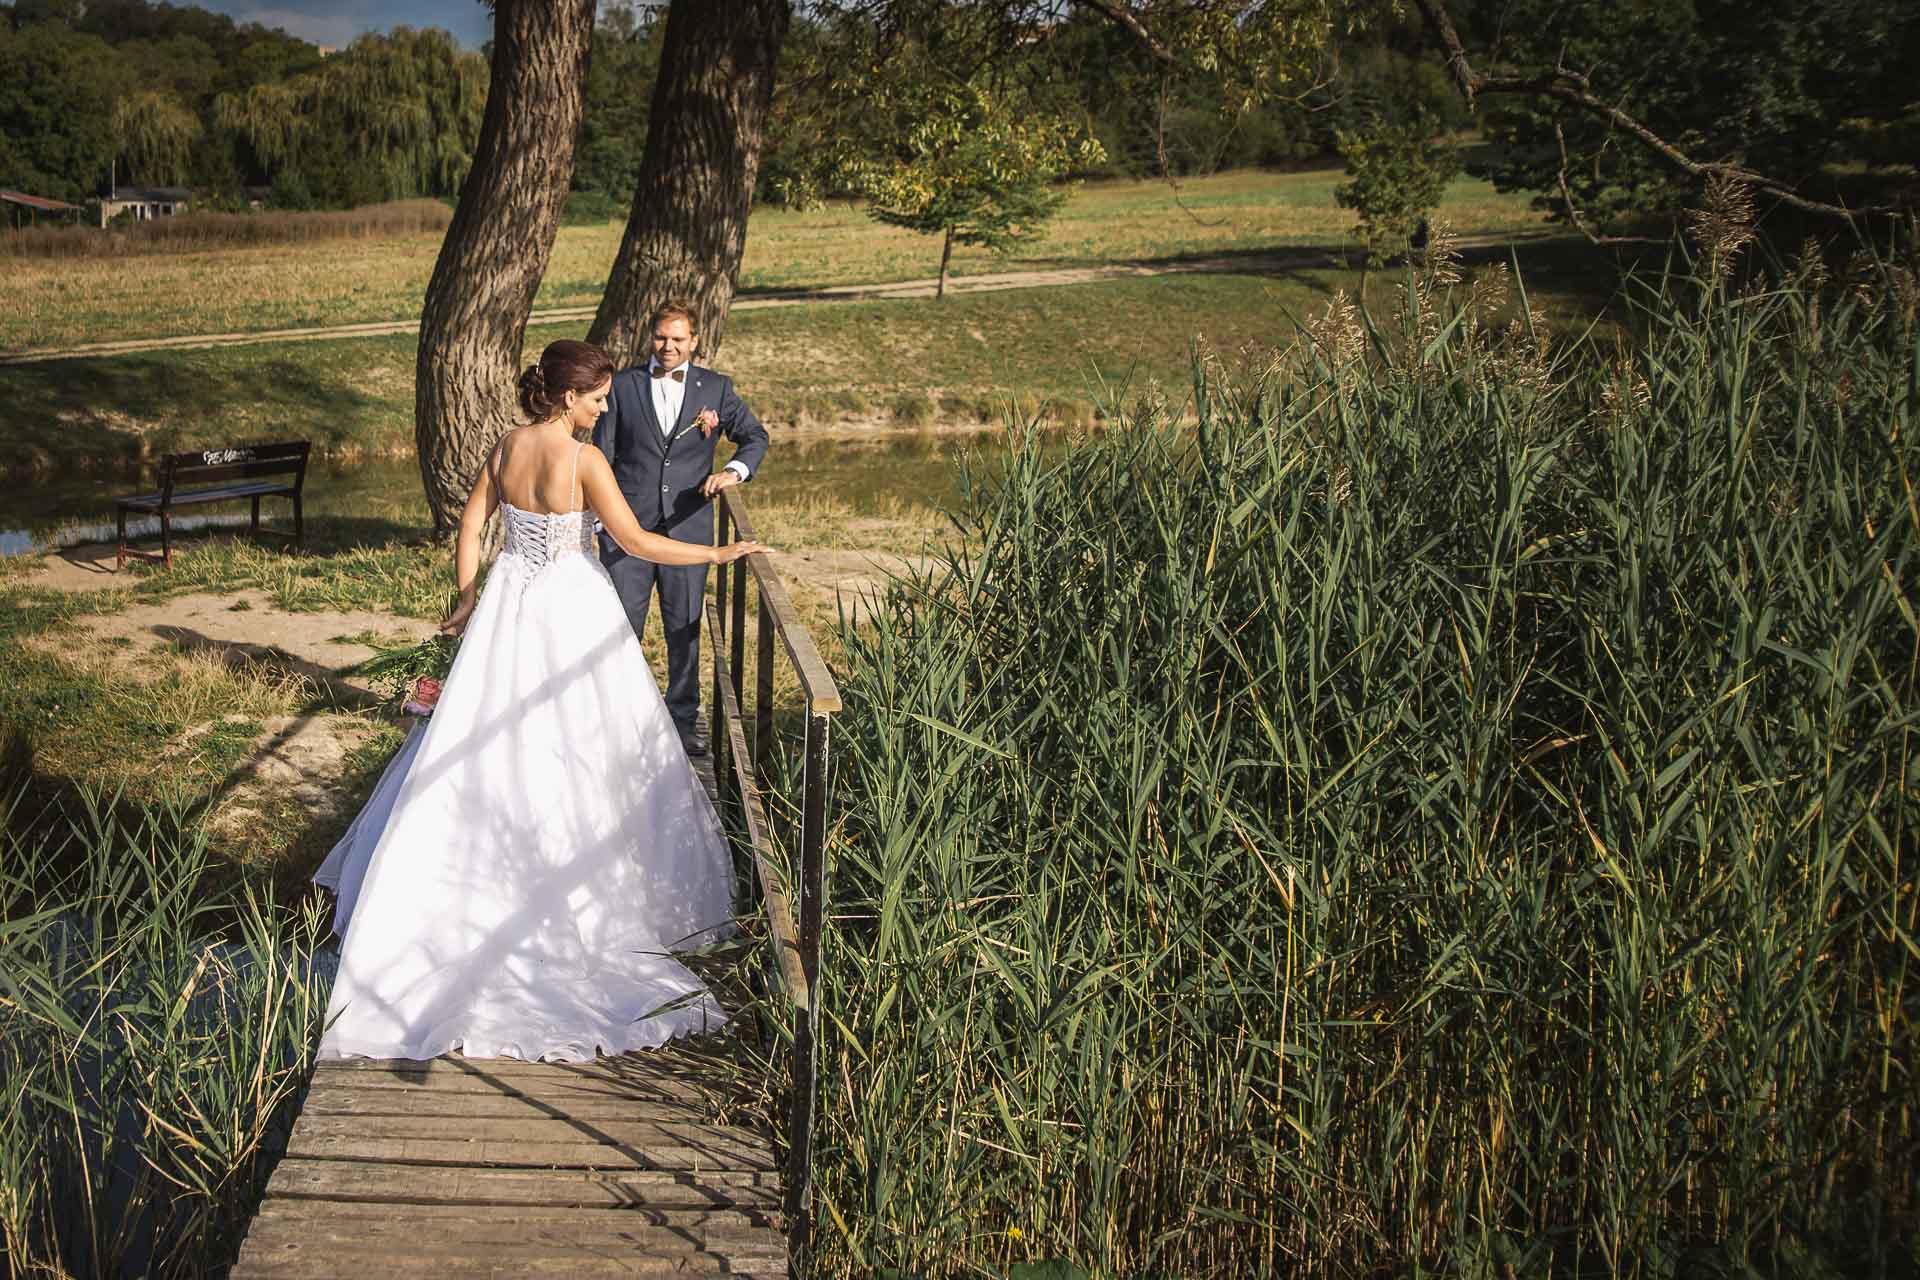 svatební-fotografie-Říp-svatební-video-ŘÍP-svatební-fotograf-ŘÍP-svatba-Mělník-svatba-Neratovice-fotograf-na-savtbu-kameraman-na-svatbu-369